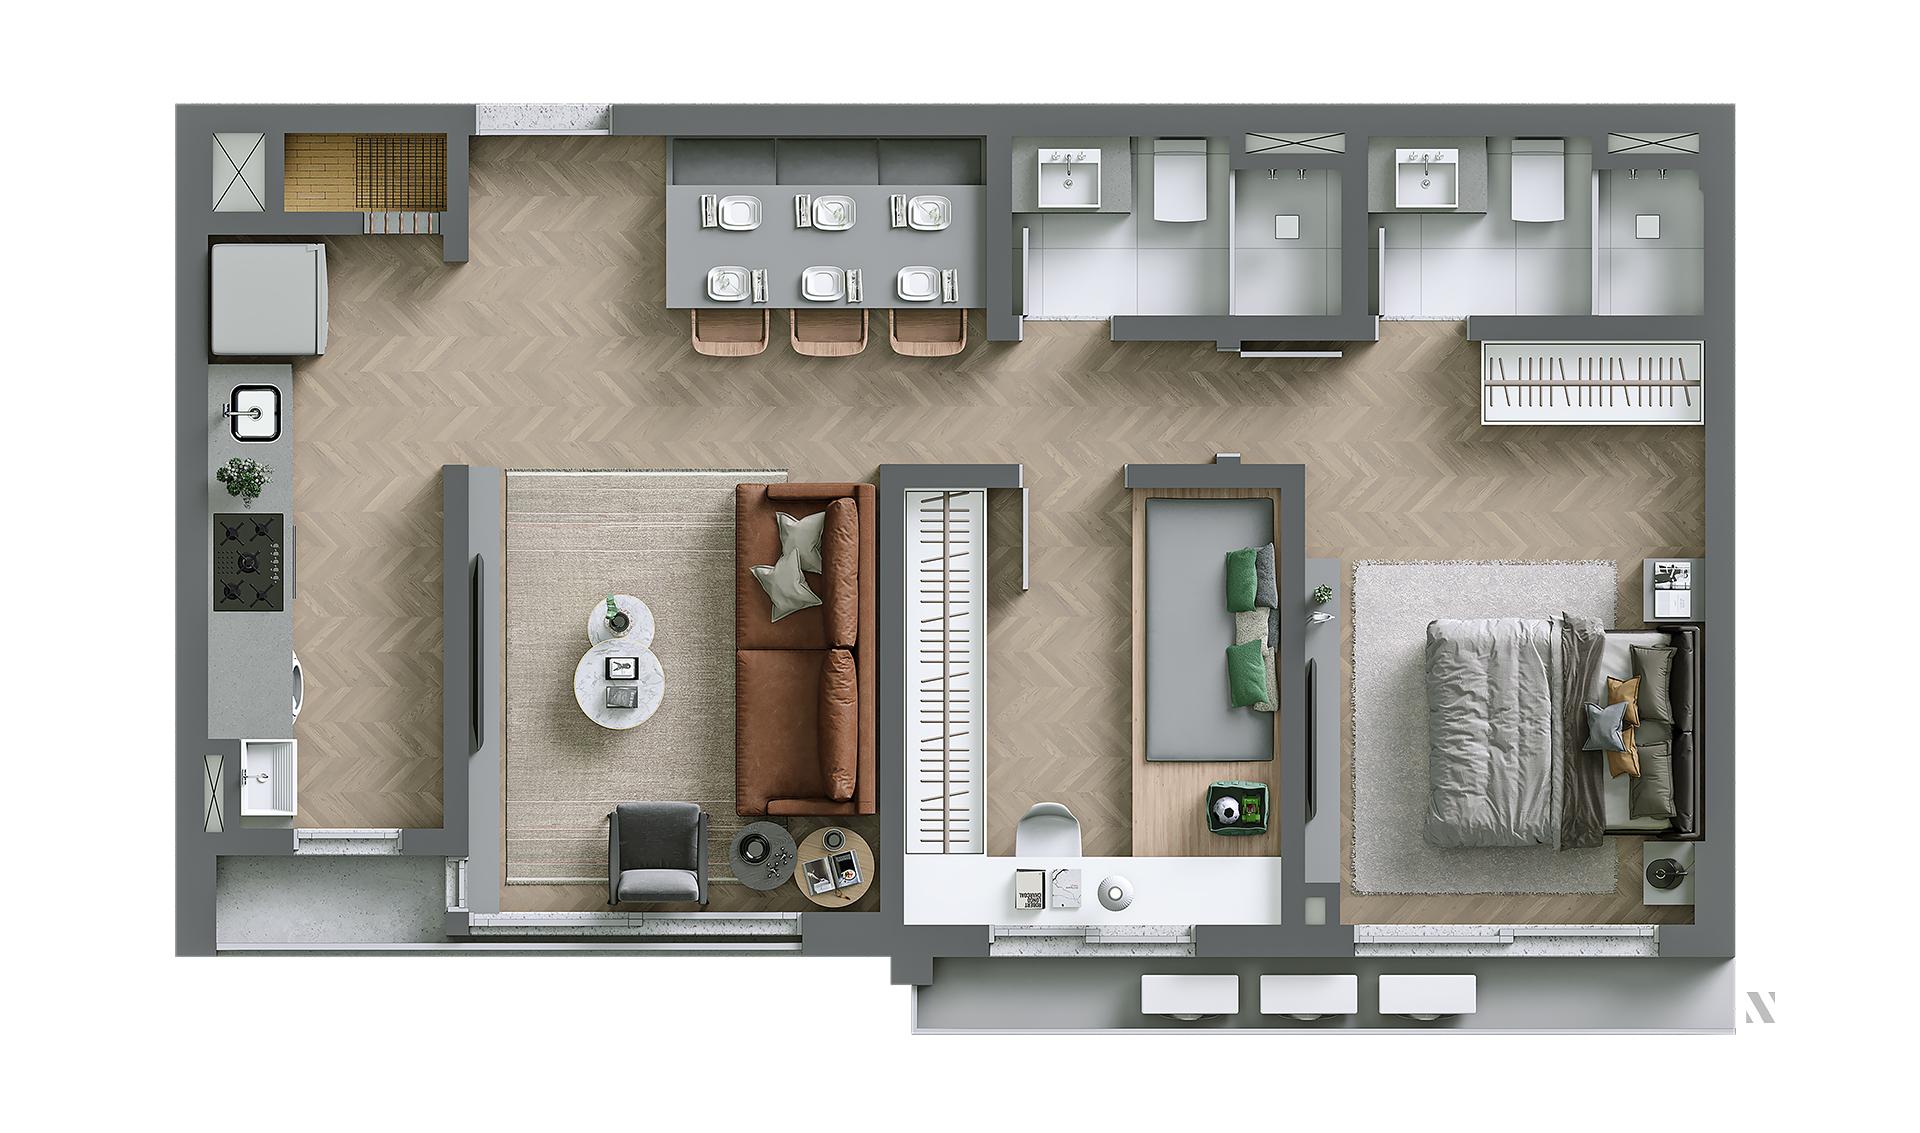 Vida planta: Apartamento 02 - 70,44 m²